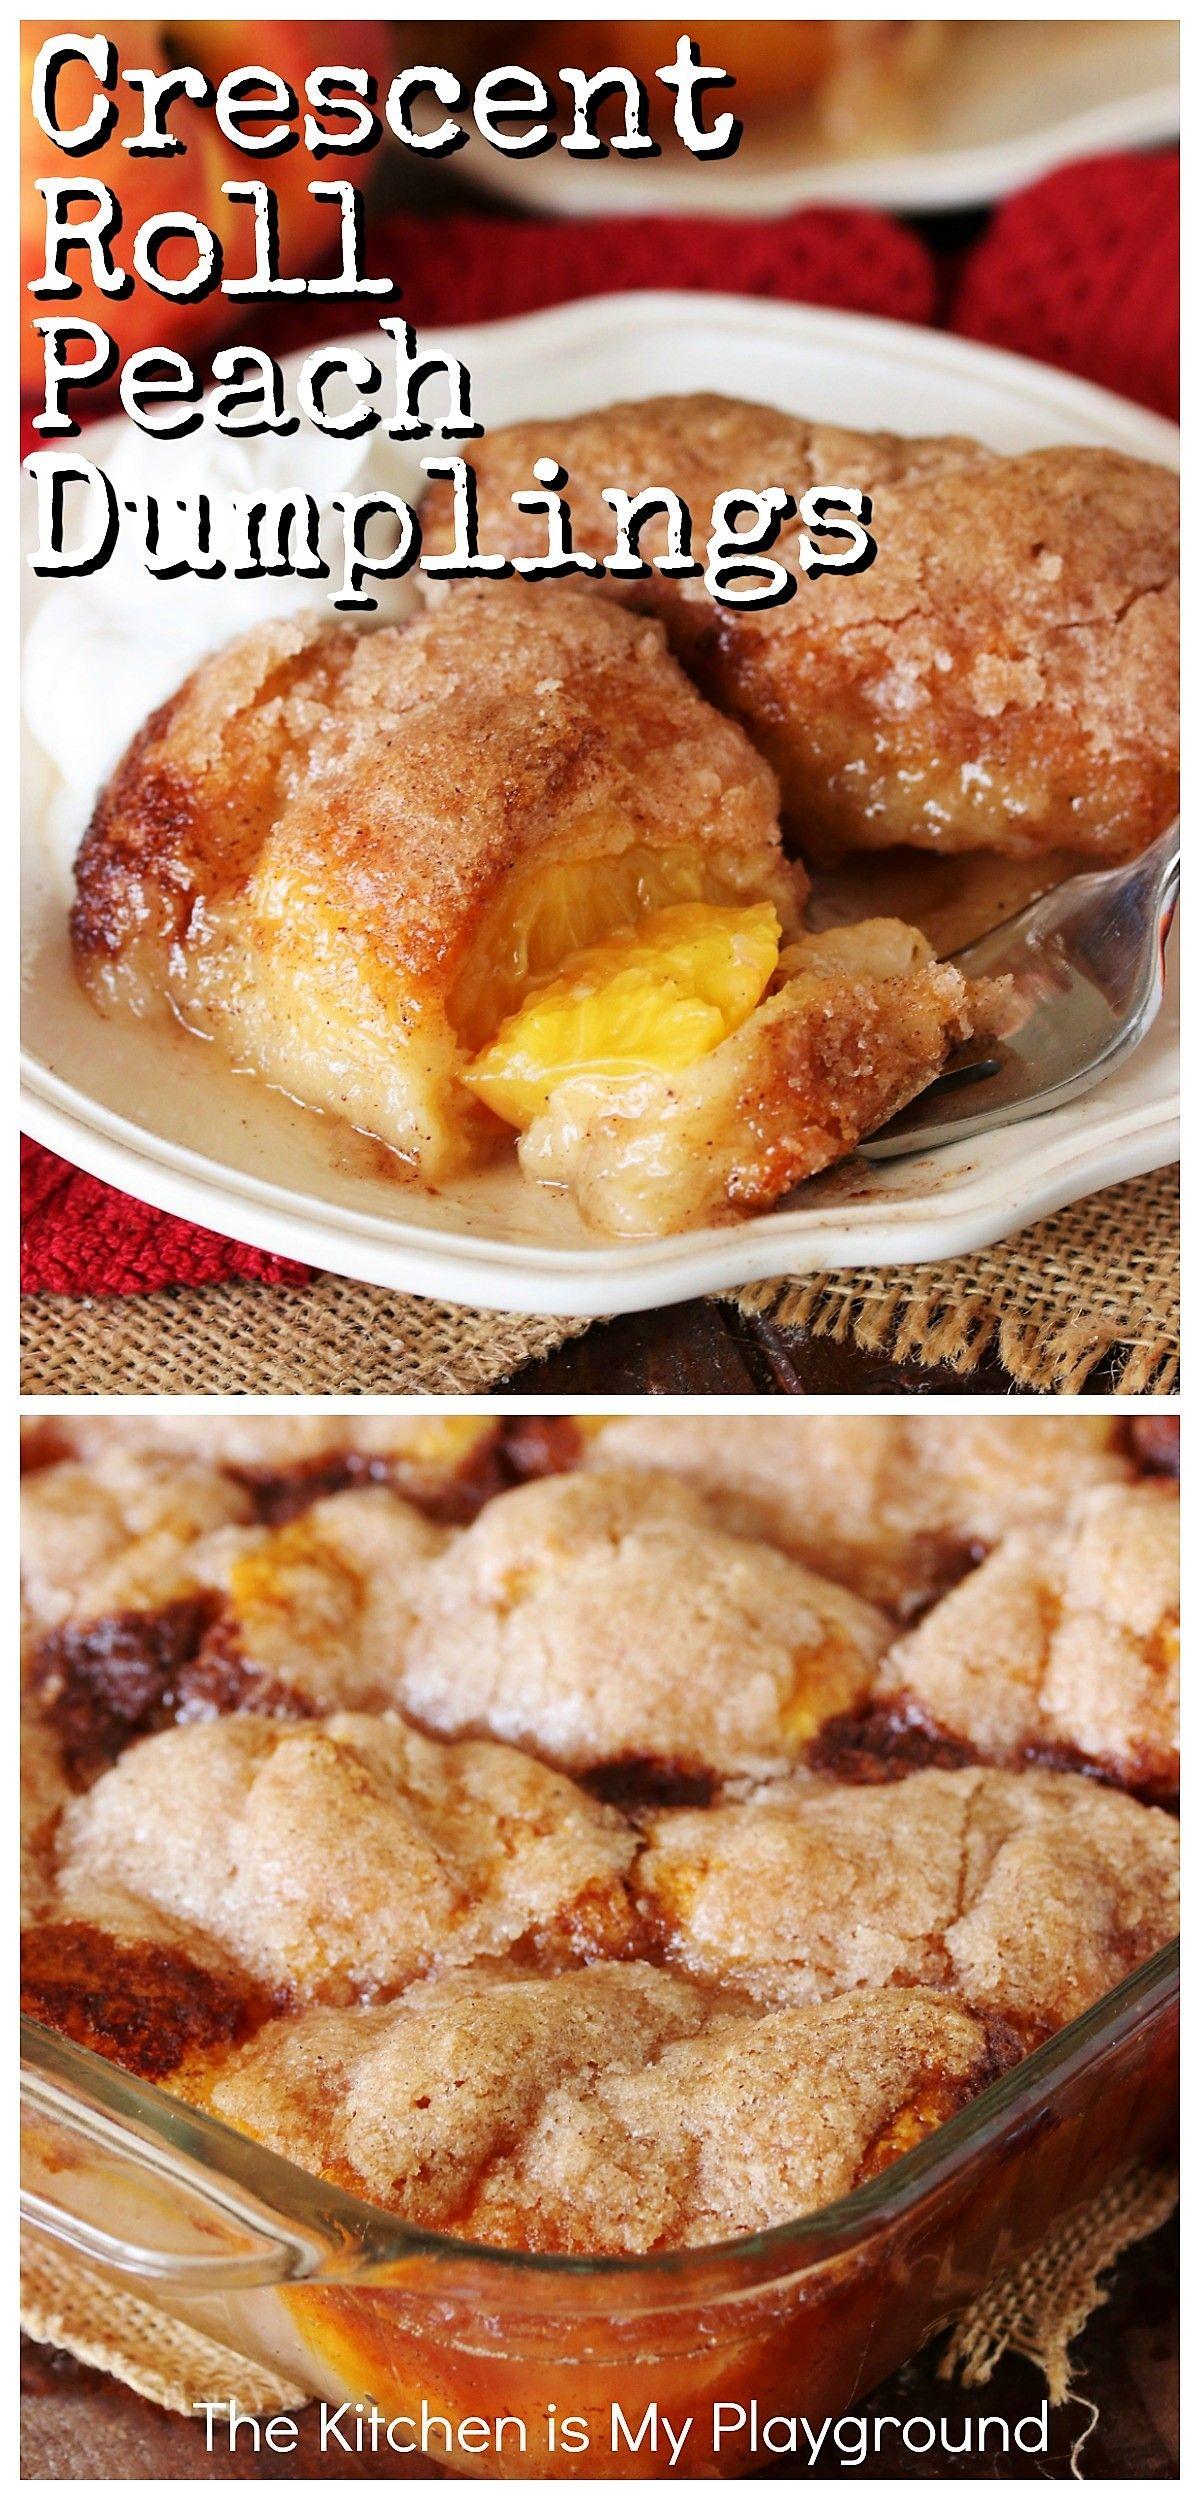 Crescent Roll Peach Dumplings